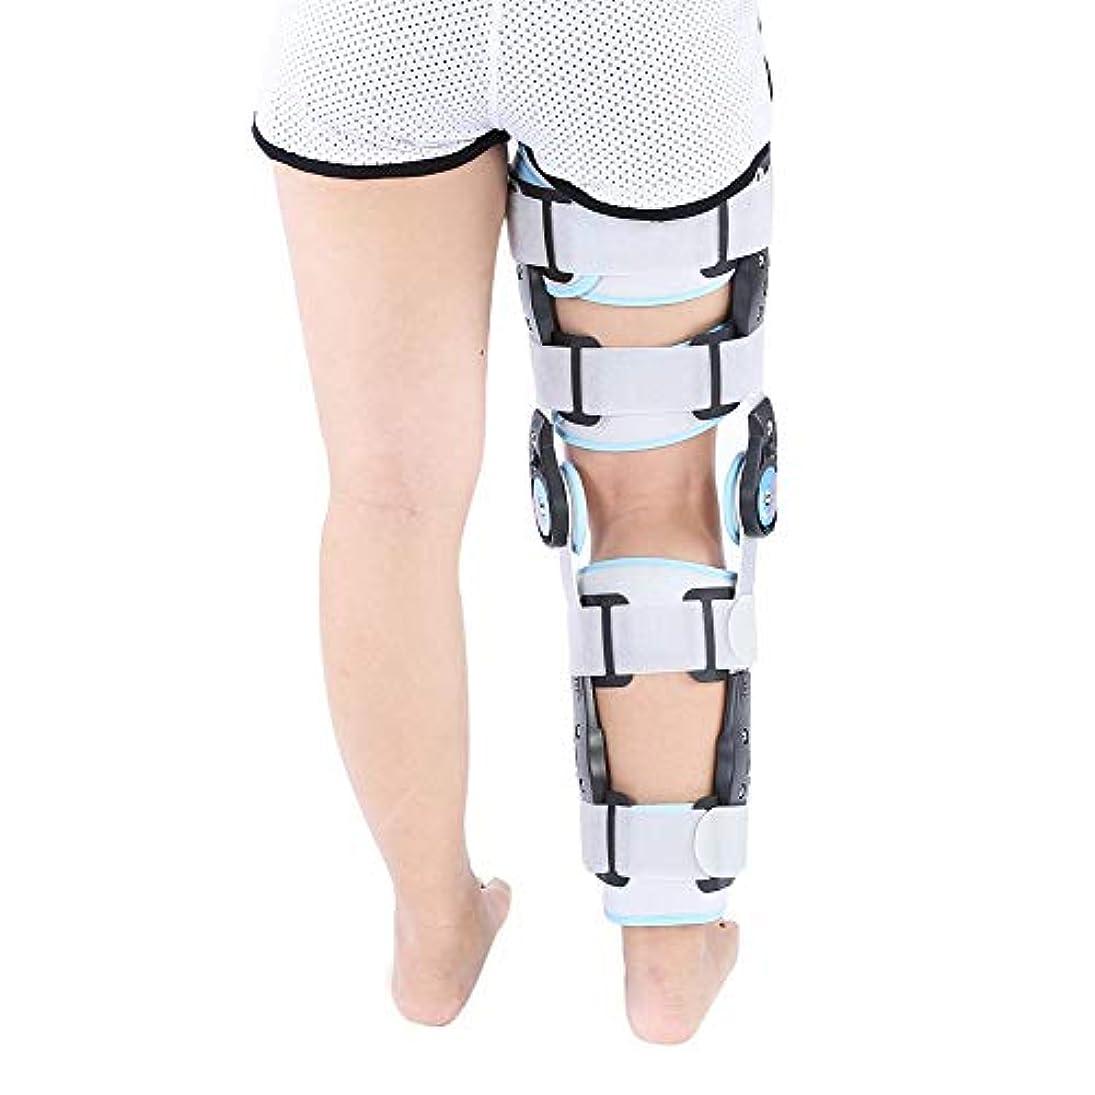 圧縮不誠実タイト膝装具固定、ヒンジ付き調整可能な固定安定化骨折サポート